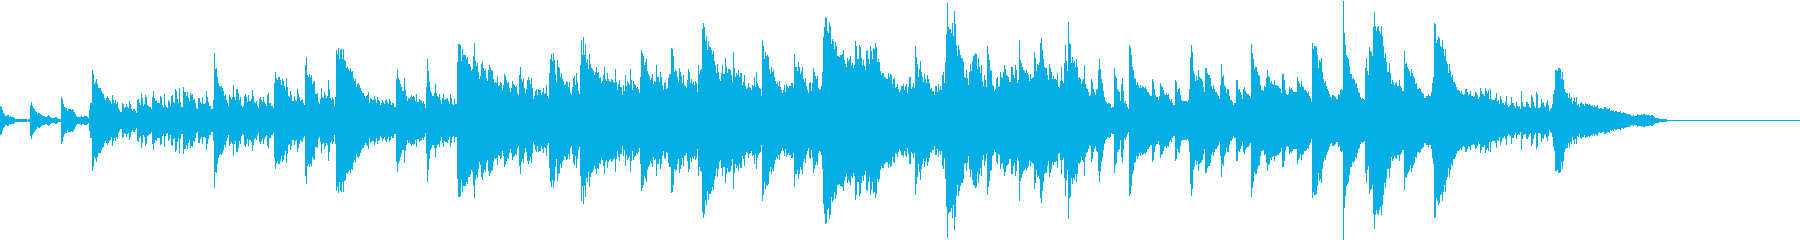 幻想的なピアノインストの再生済みの波形